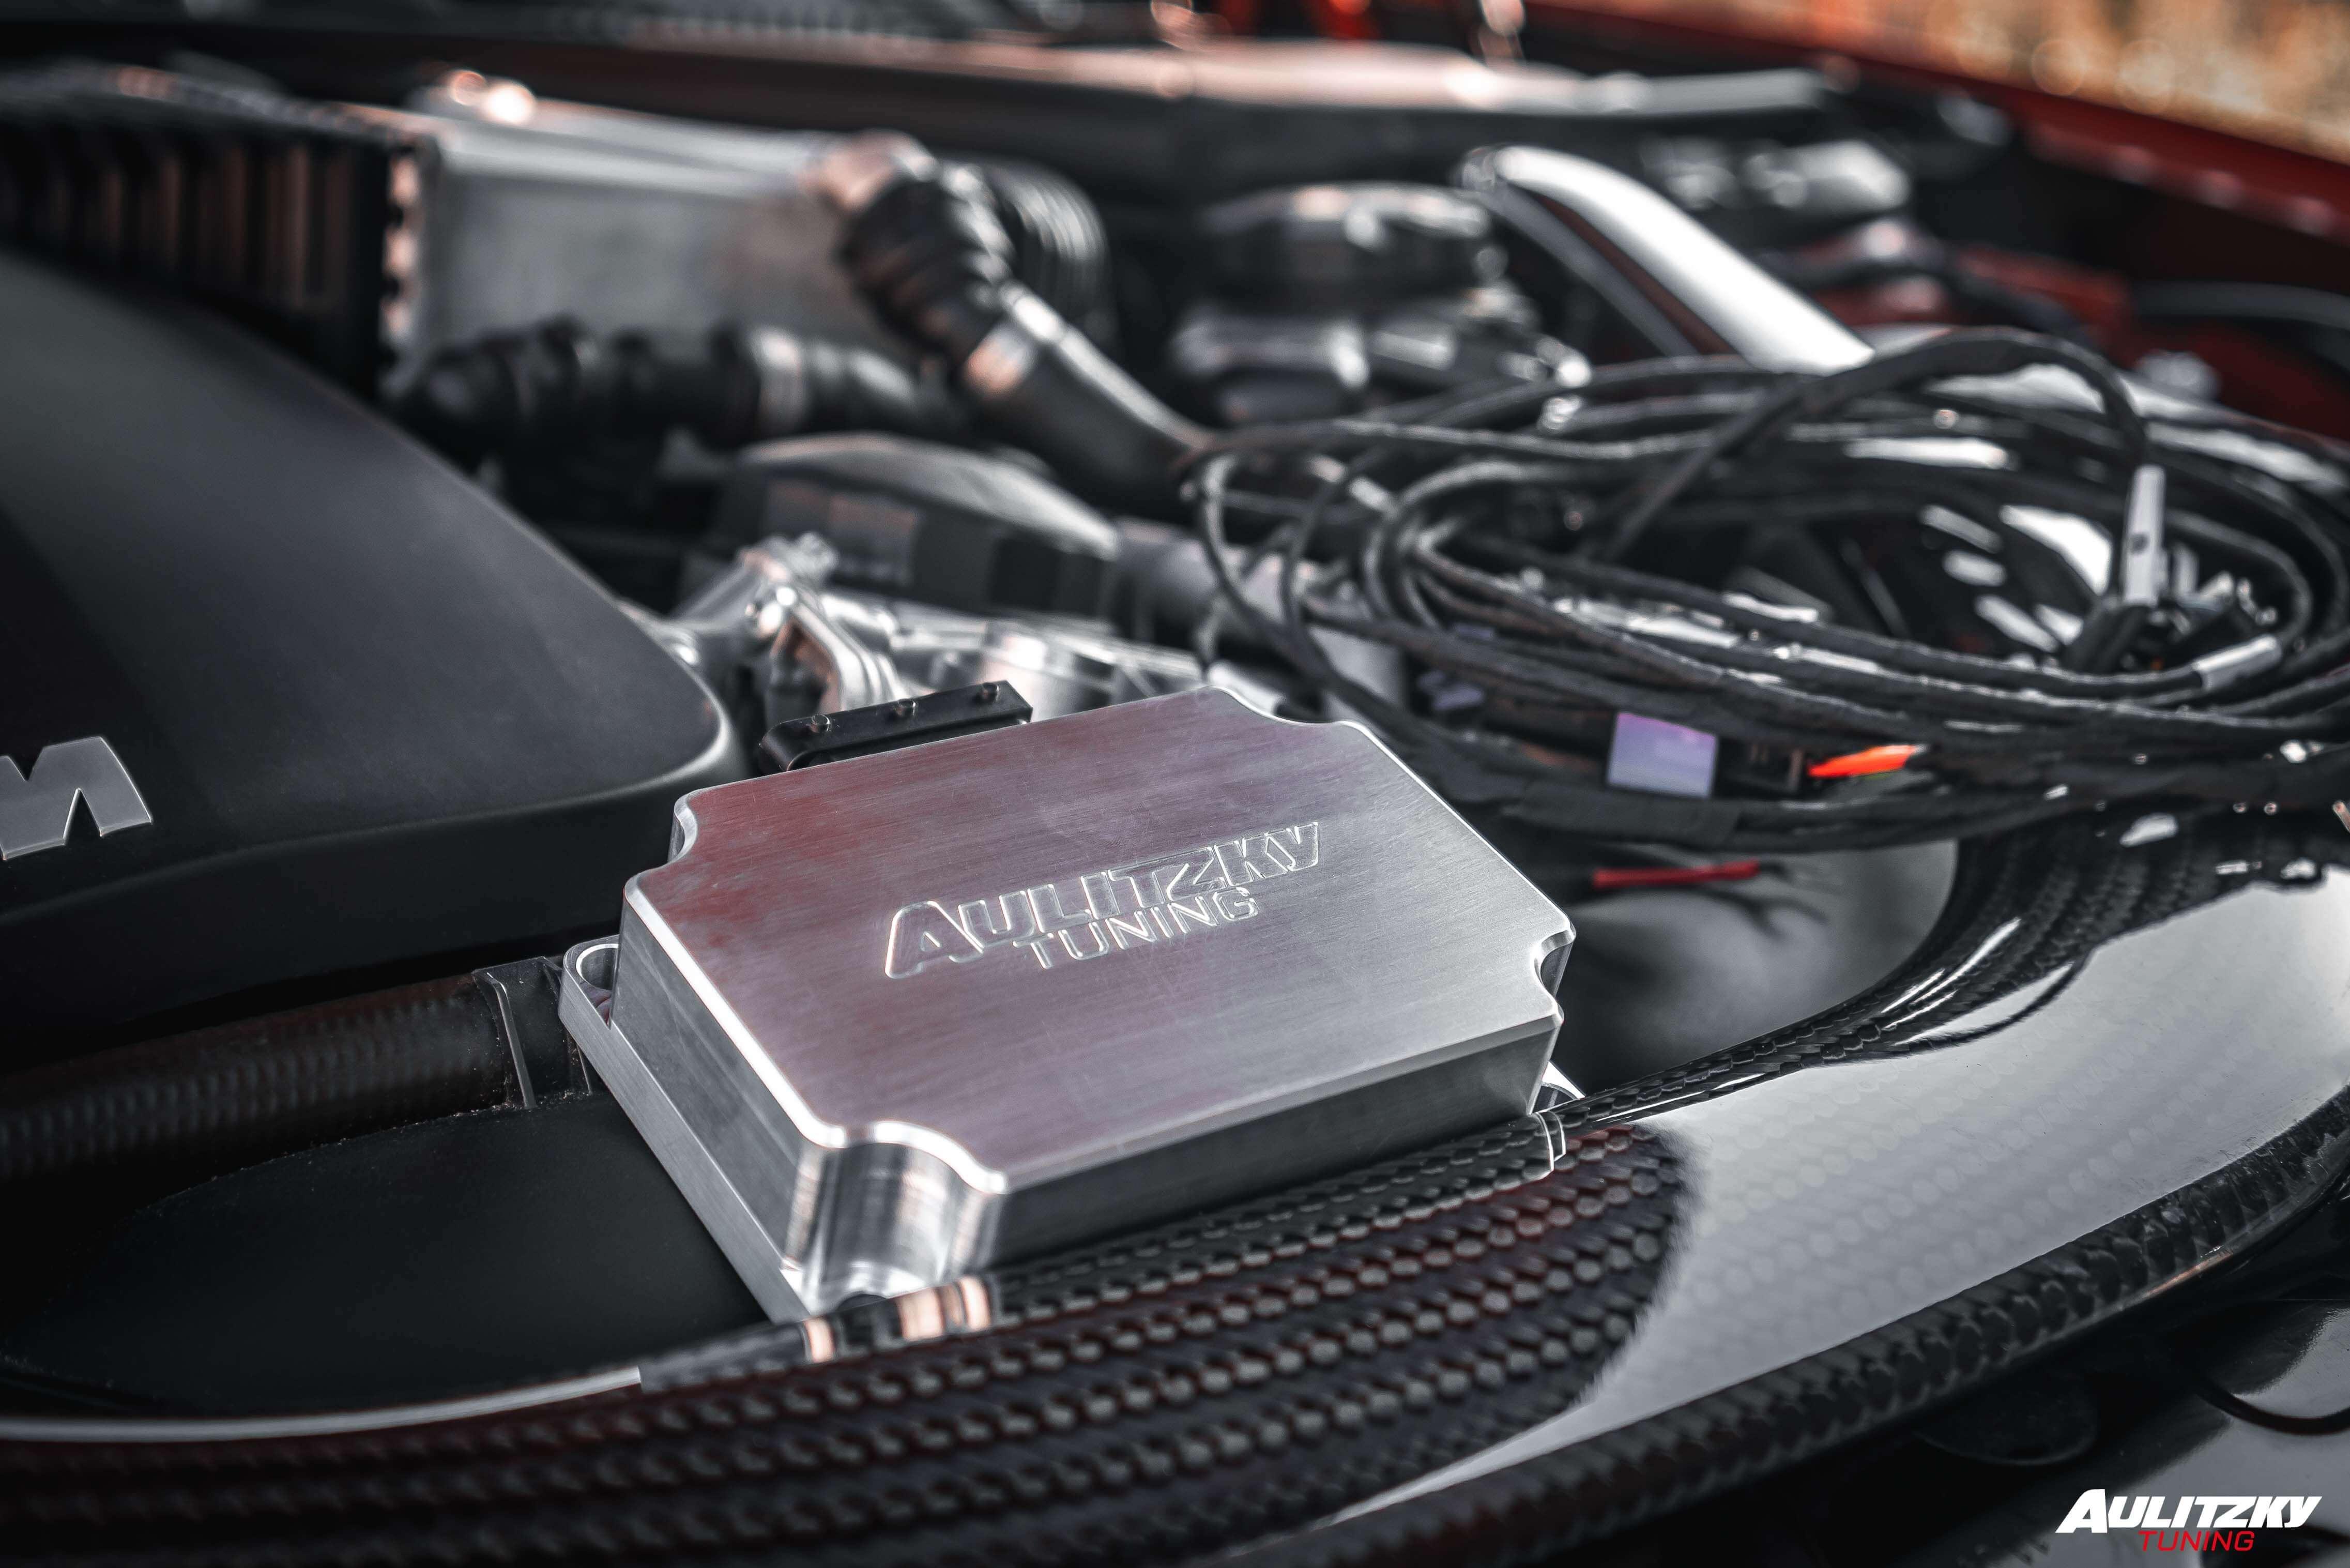 Aulitzky Tuning | Leistungssteigerung per Zusatzsteuergerät | BMW M2 CS F87